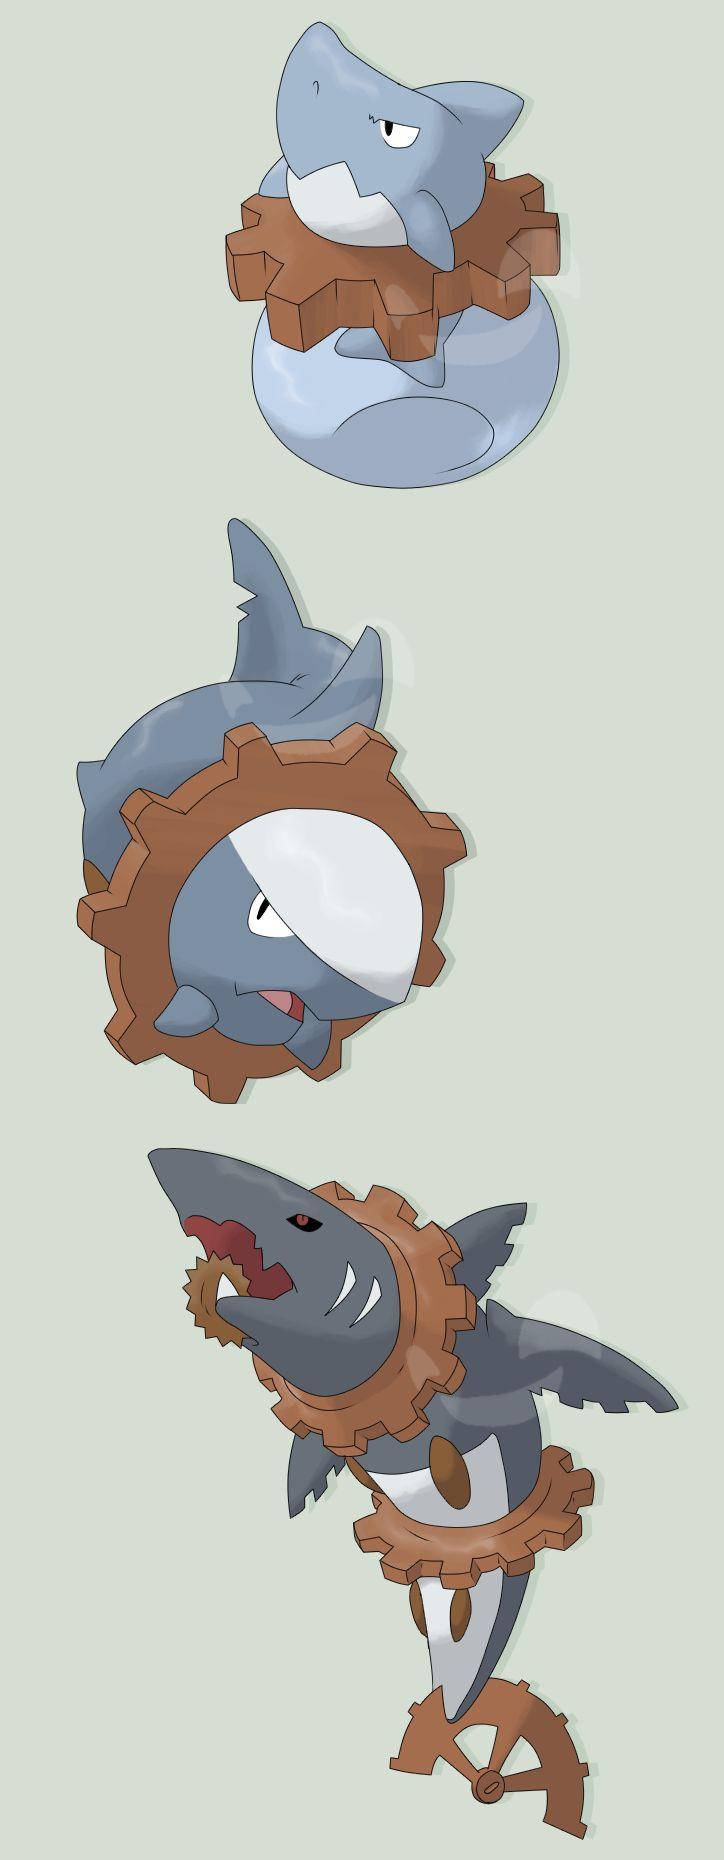 Snappog - Tight Pokemon - Water/Steel, Shagear - Tight Pokemon - Water/Steel, Meglachine - Big Shark Pokemon - Dark/Steel